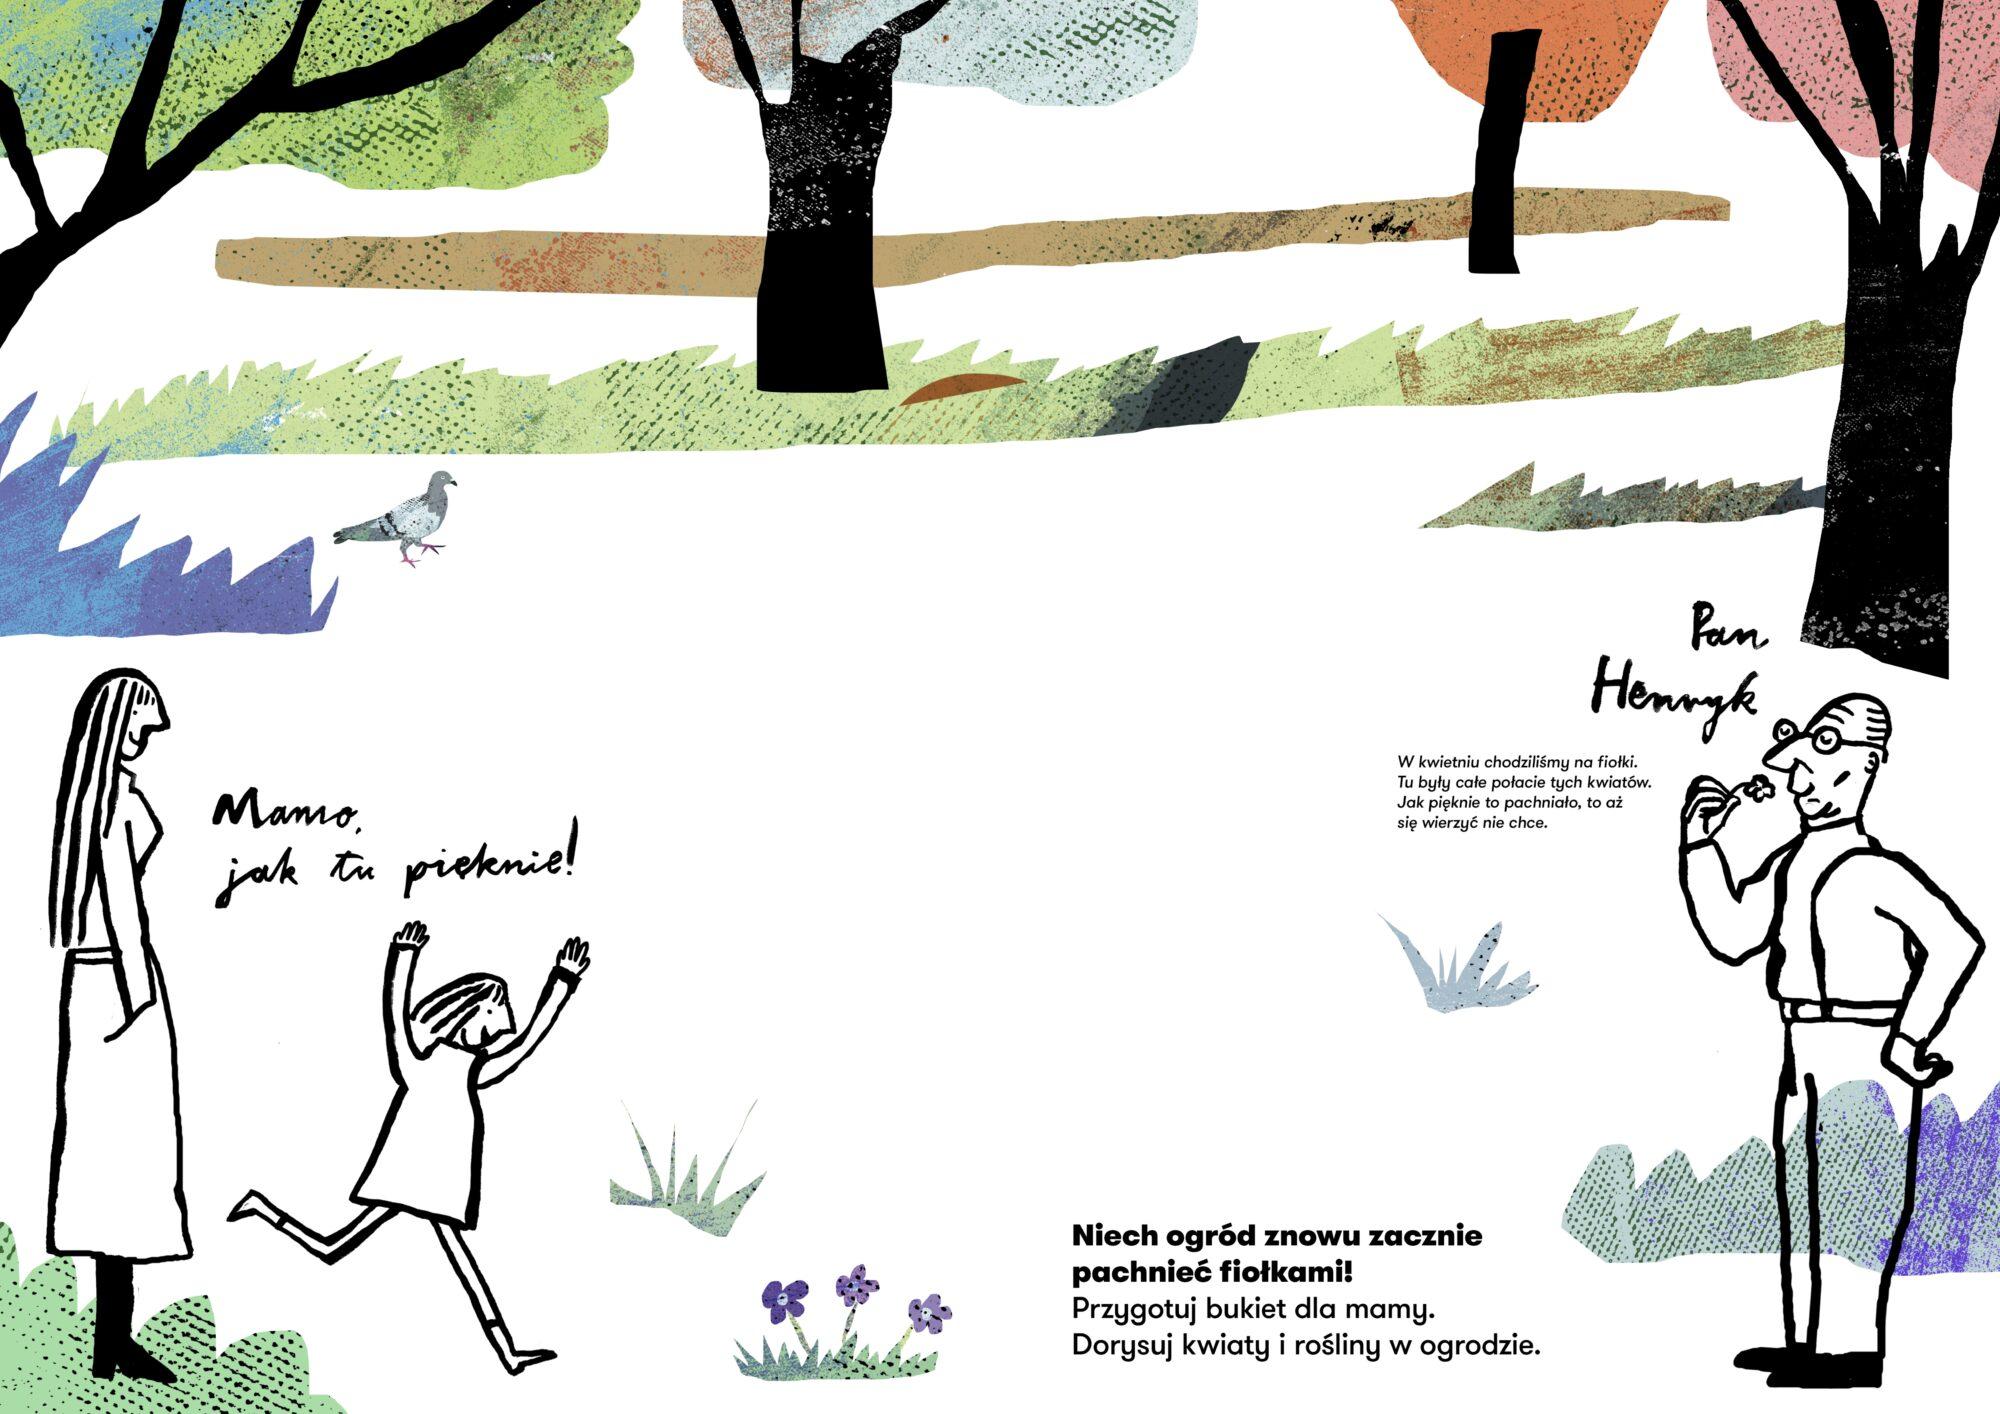 Natura na Głównej. Aktywnościówka dla dzieci - strona 7